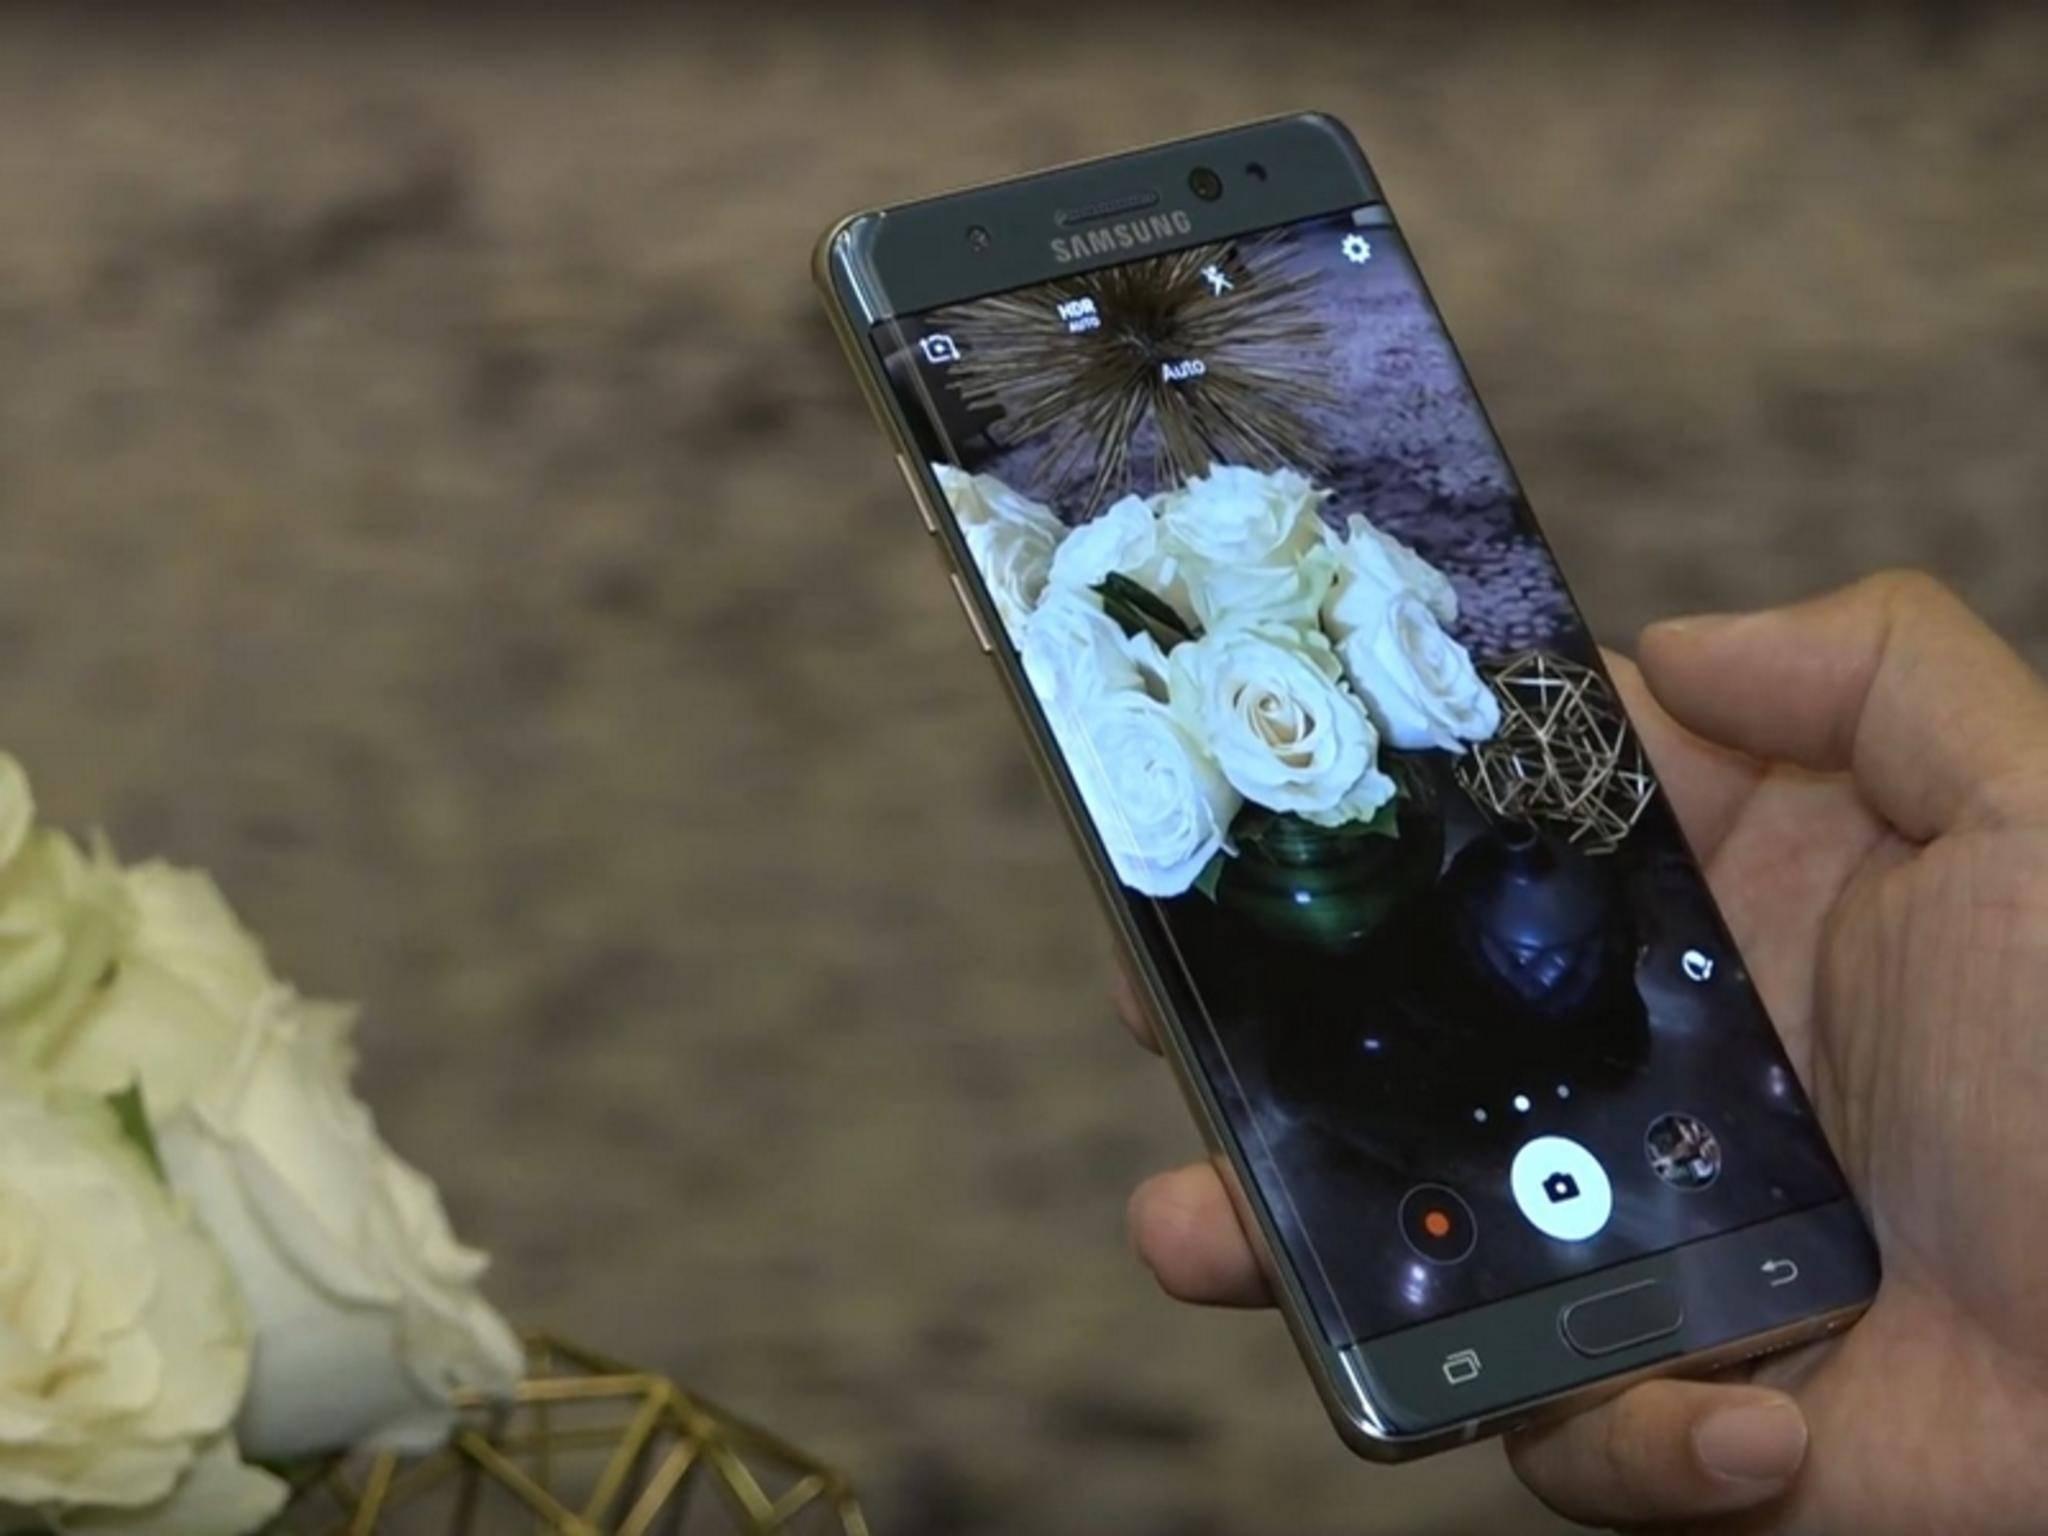 Galaxy Note 7 explodiert? Samsung stoppt Lieferungen